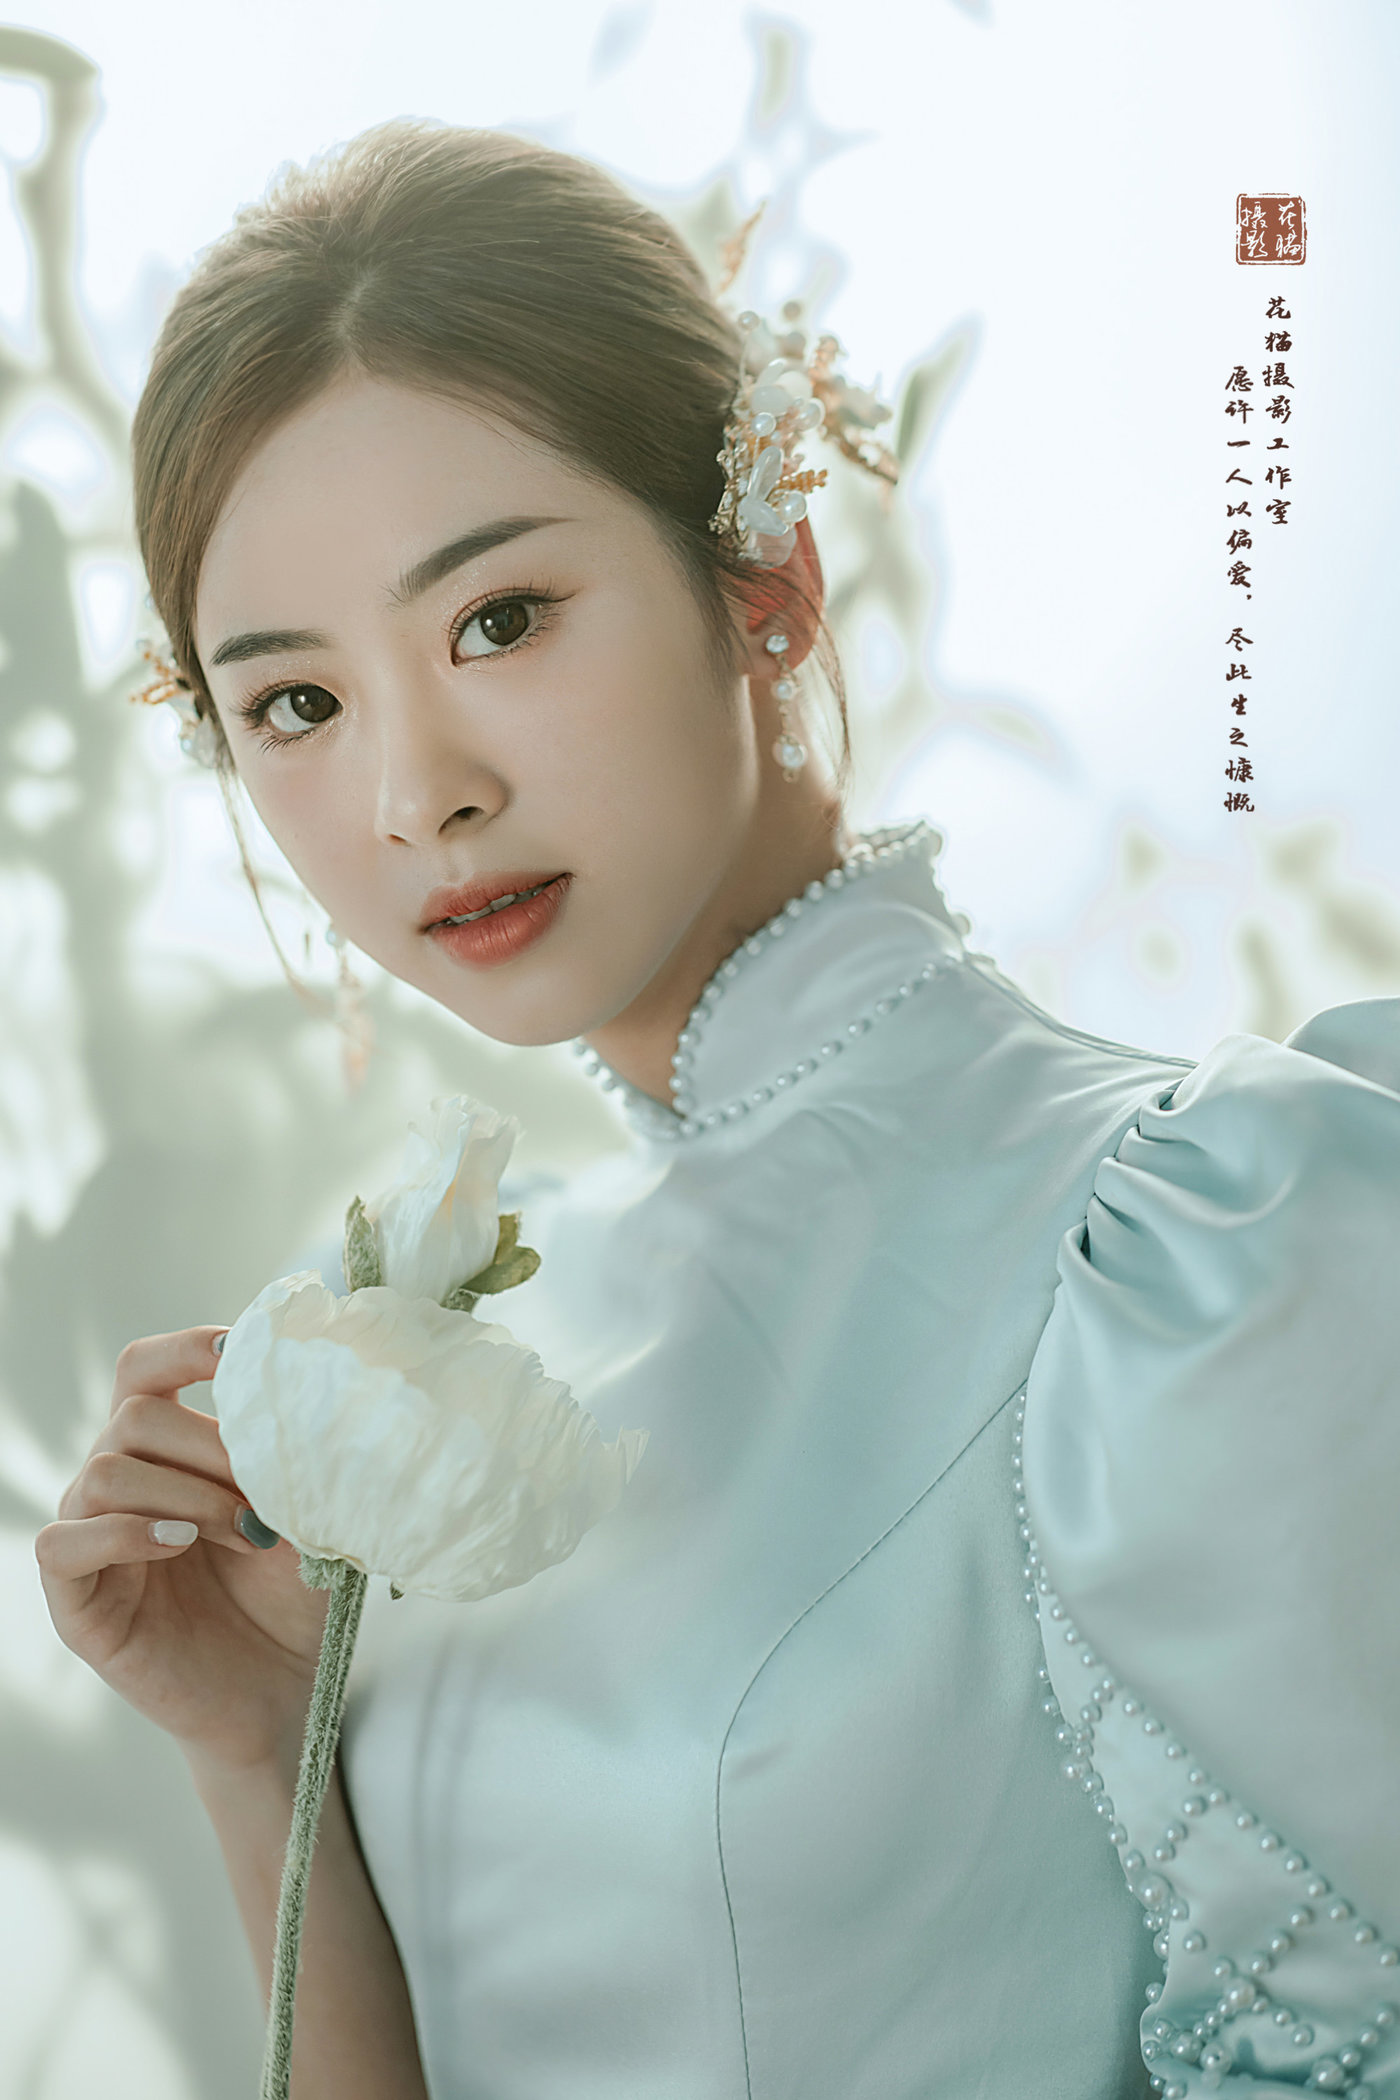 小家碧玉温婉情韵,一见倾心中式美学14